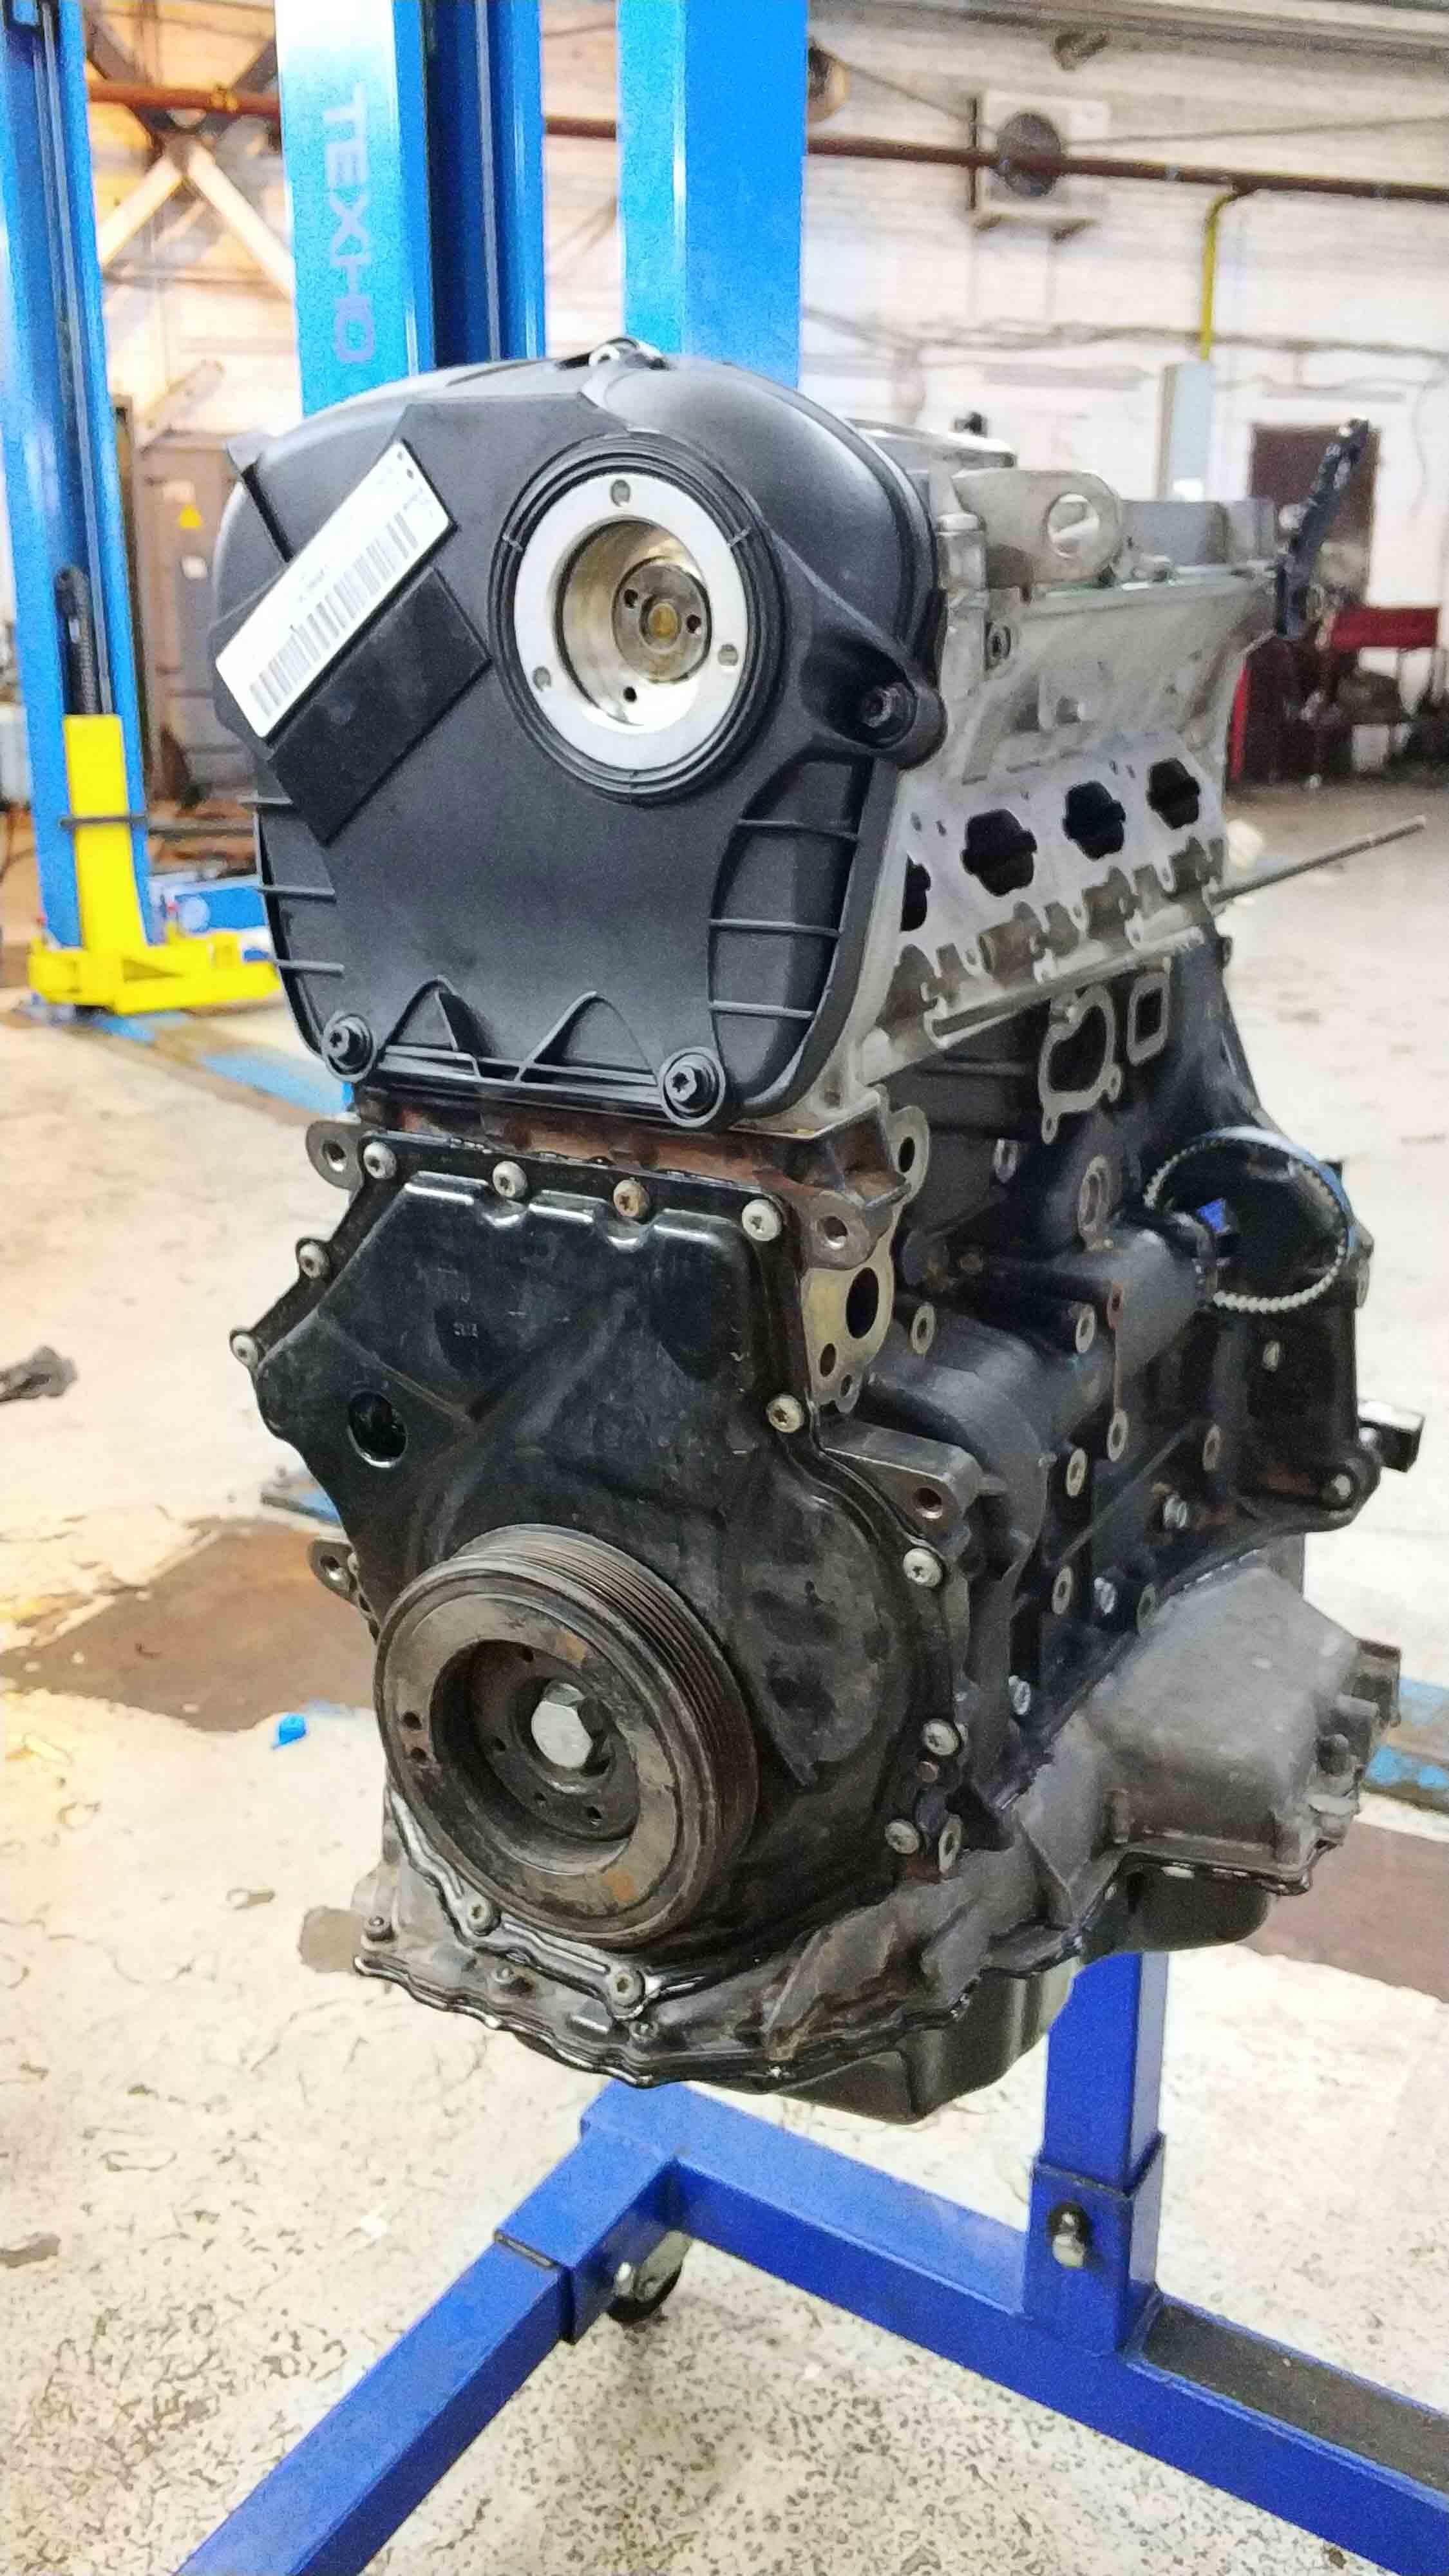 Купите двигатель CJKA с гарантией и установкой